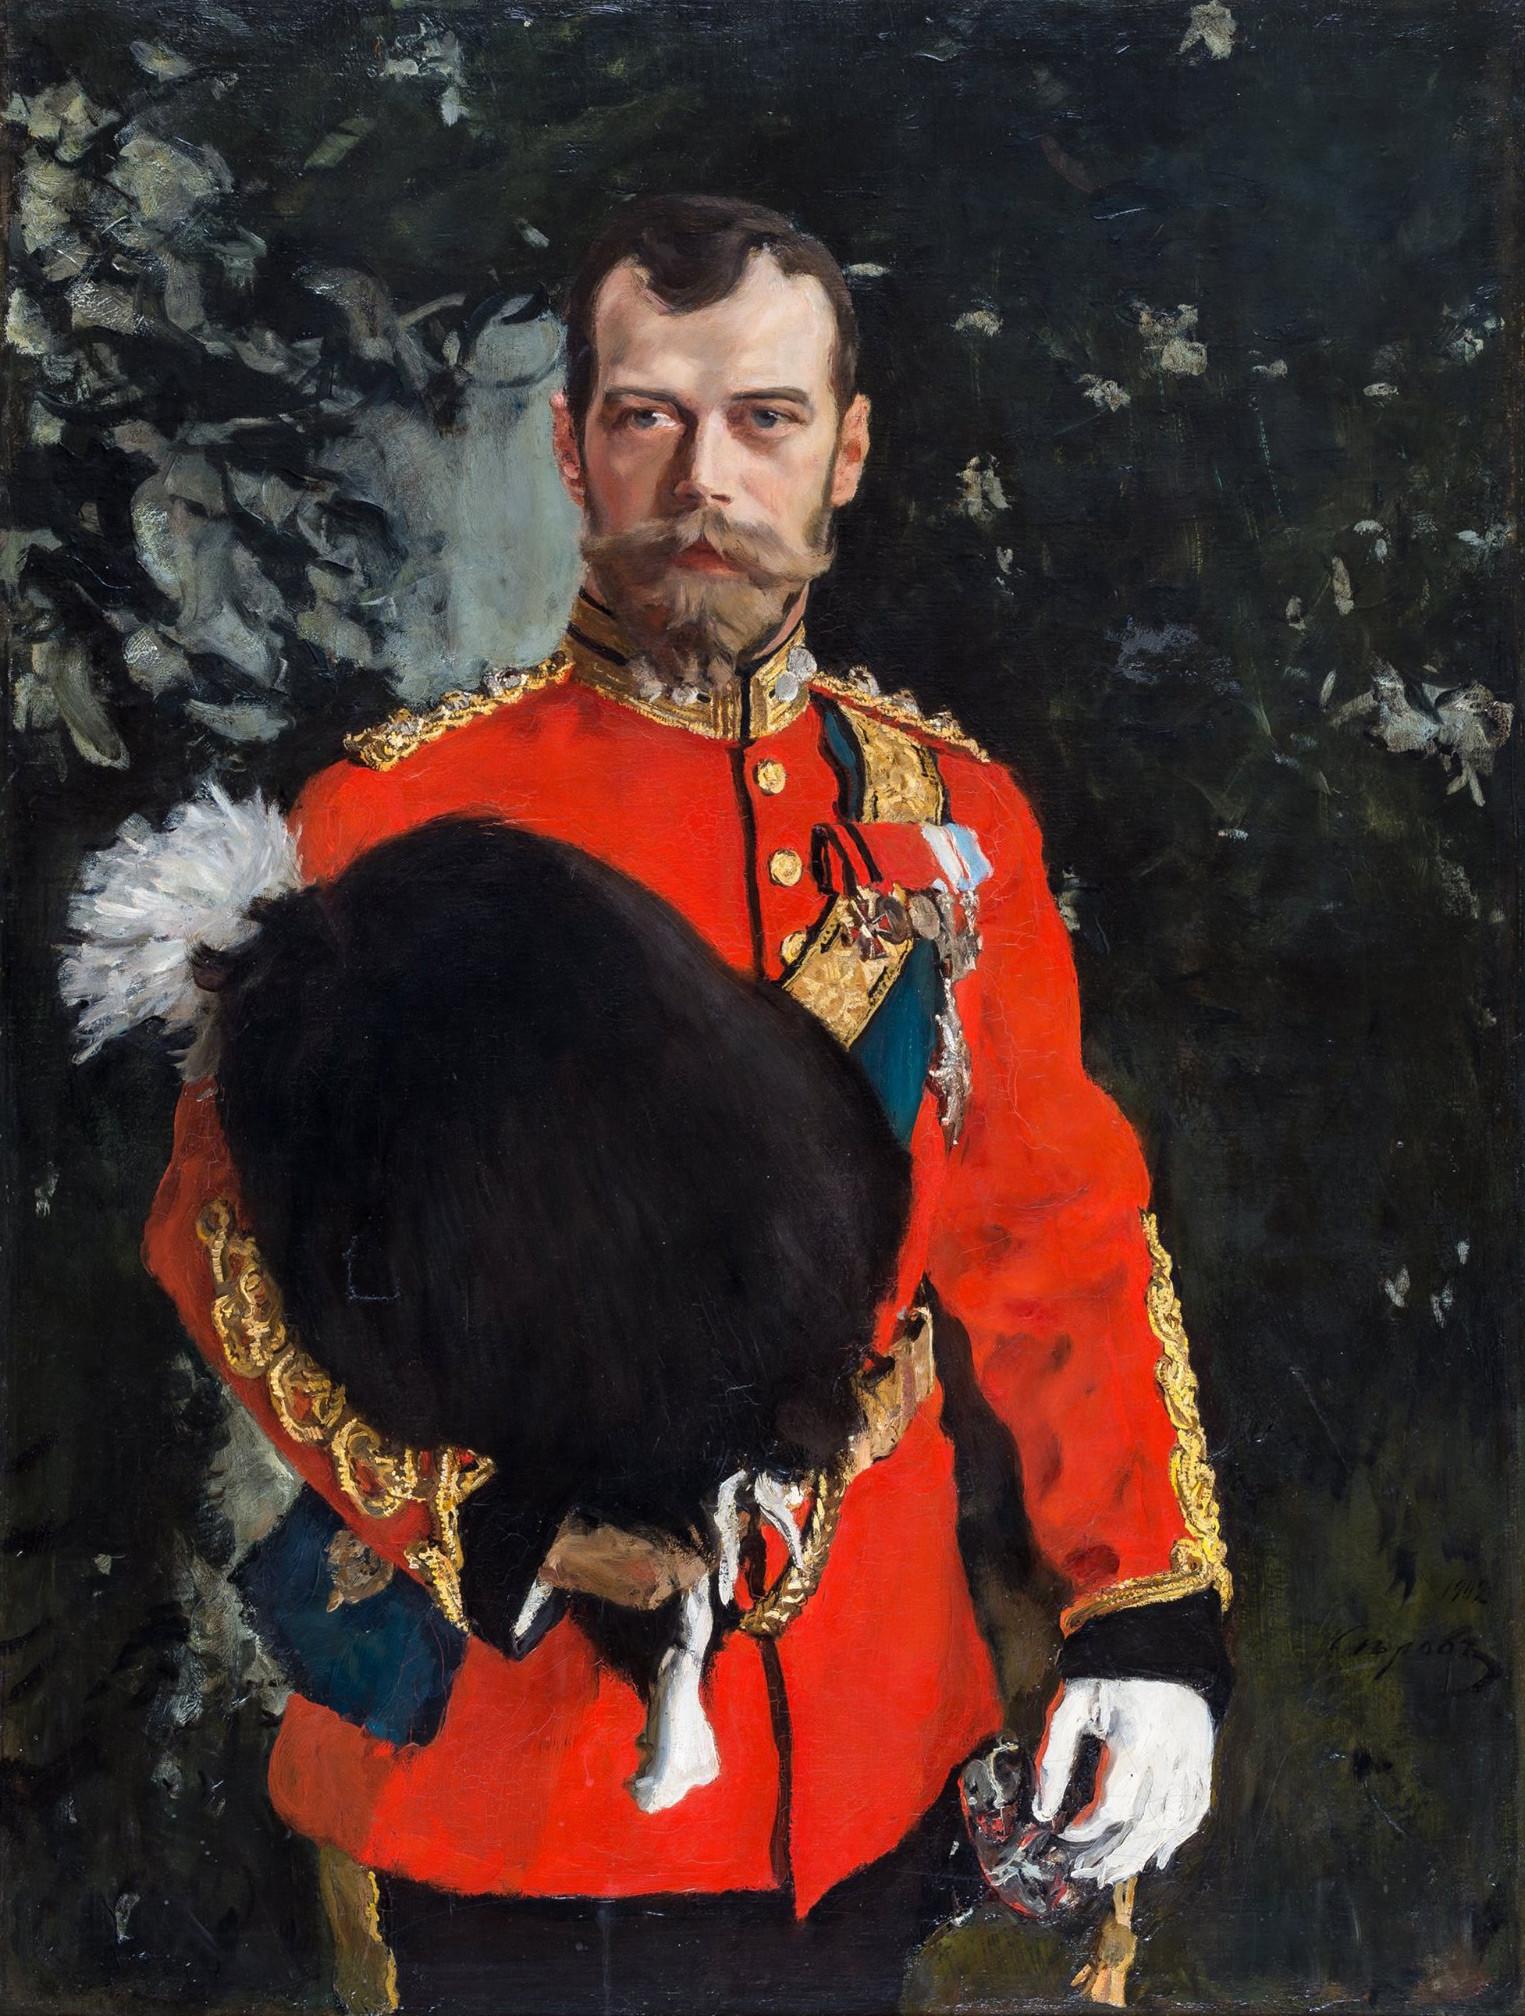 Николај II у униформи почасног команданта 2. Краљевске шкотске драгунске гарде. Слика Валентина Серова.